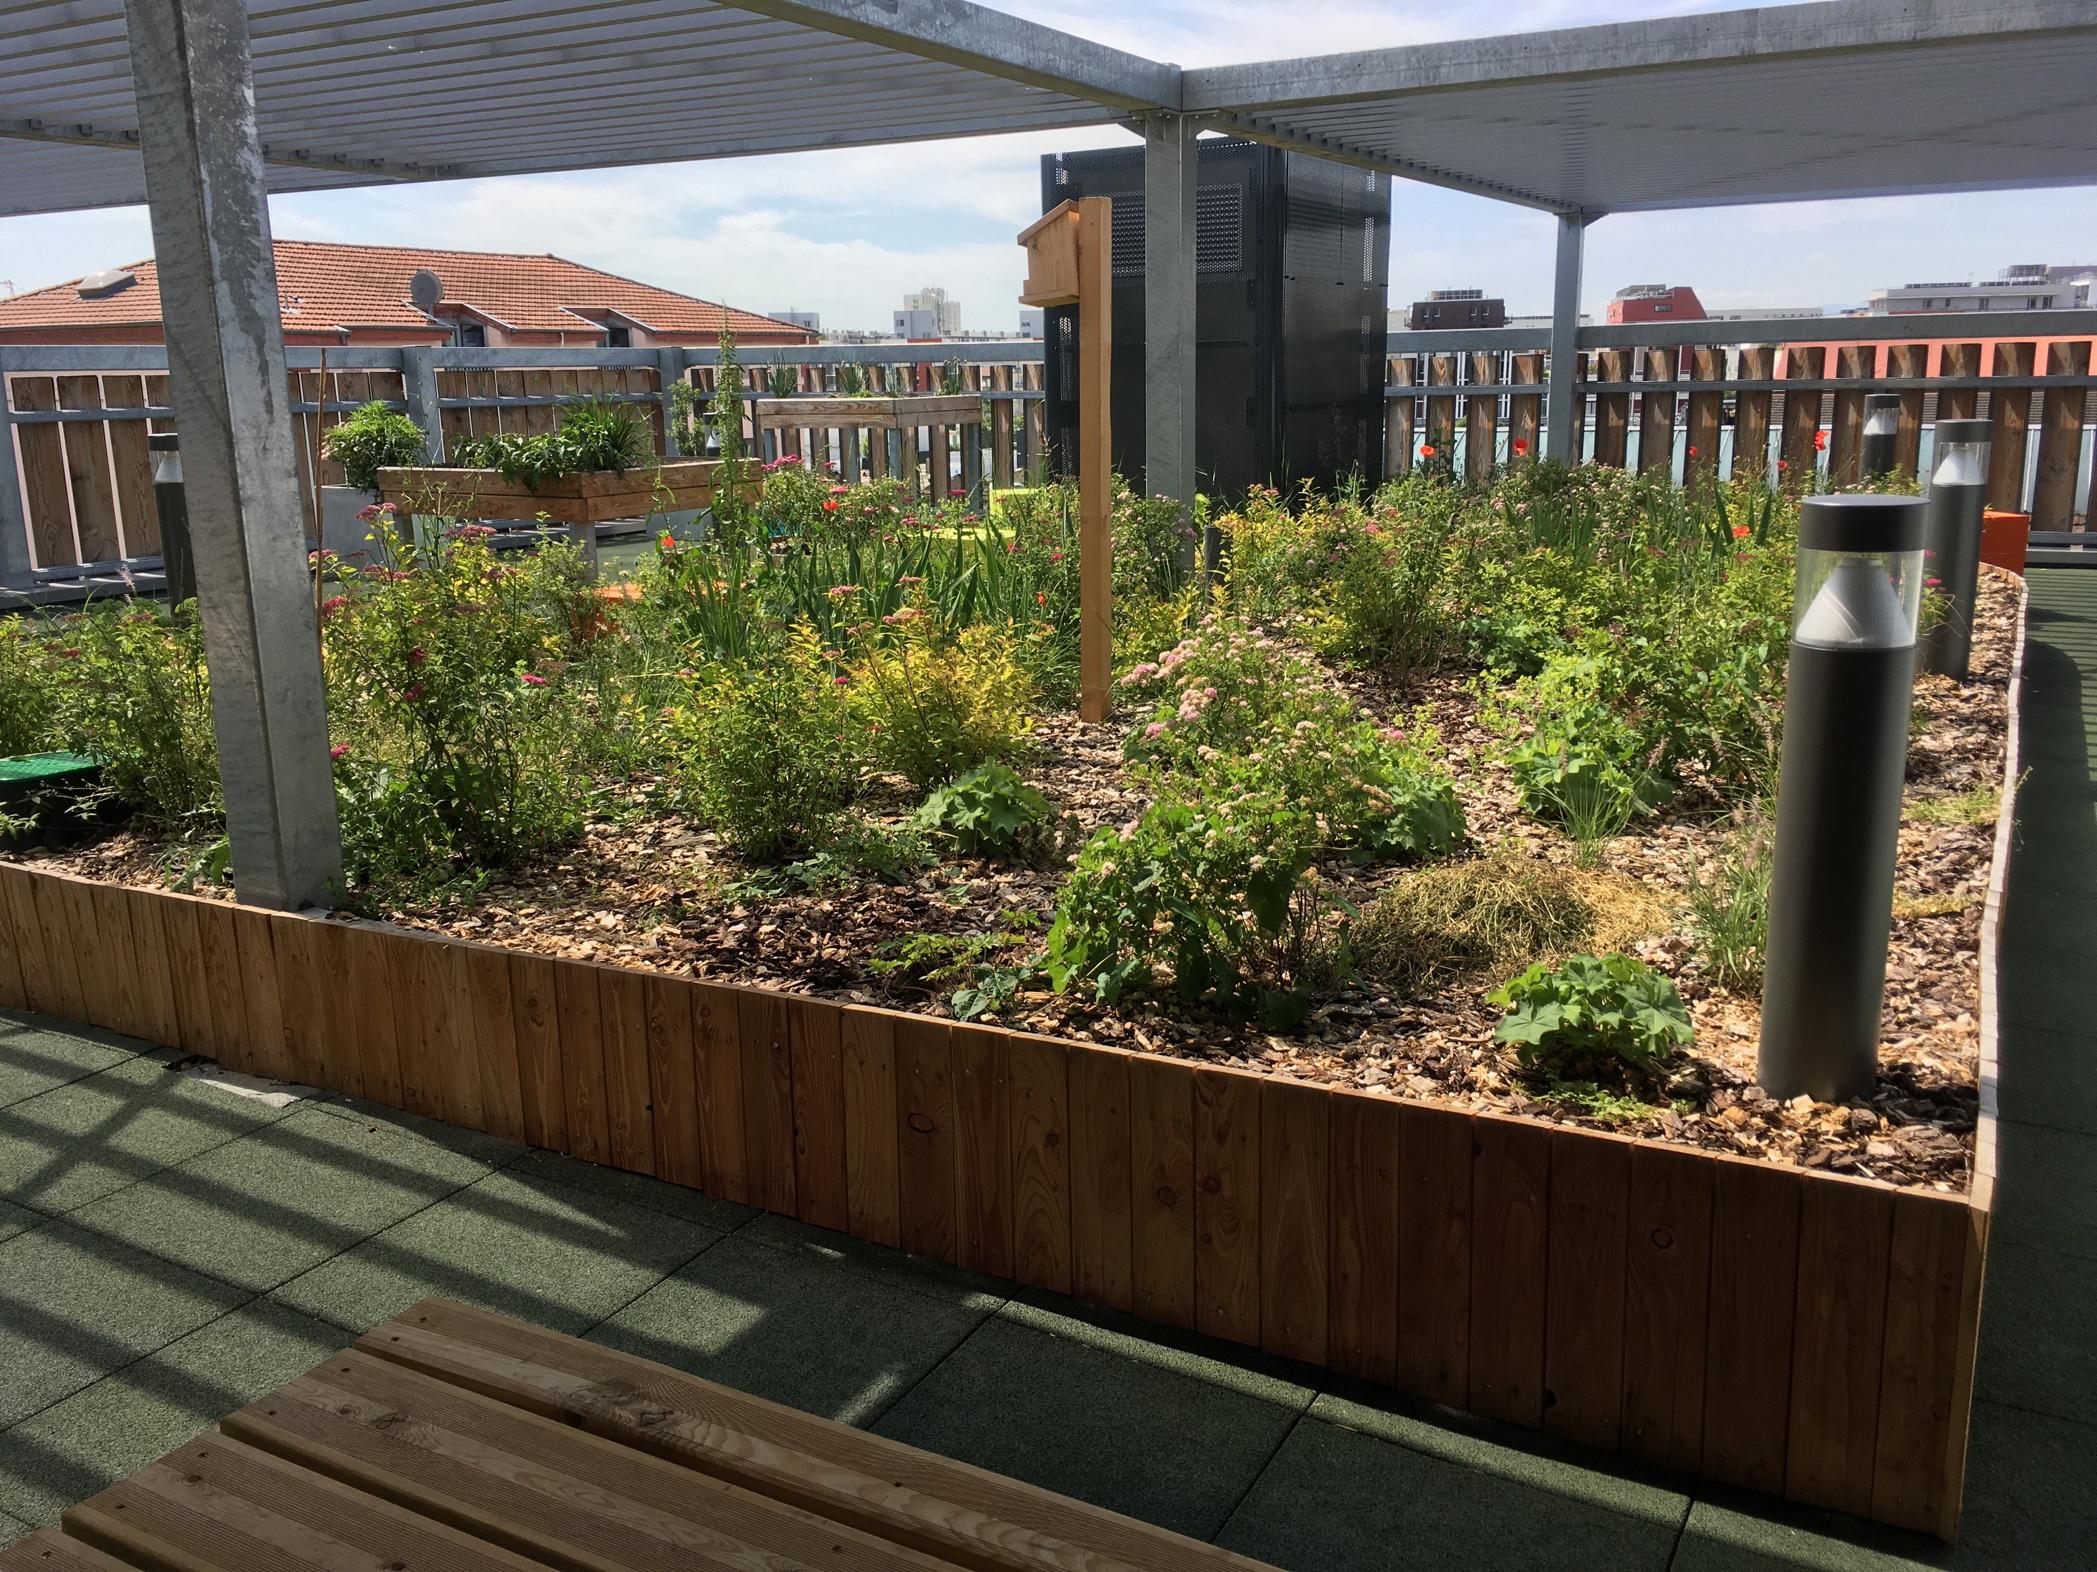 Les Girondines - terrasse végétalisée